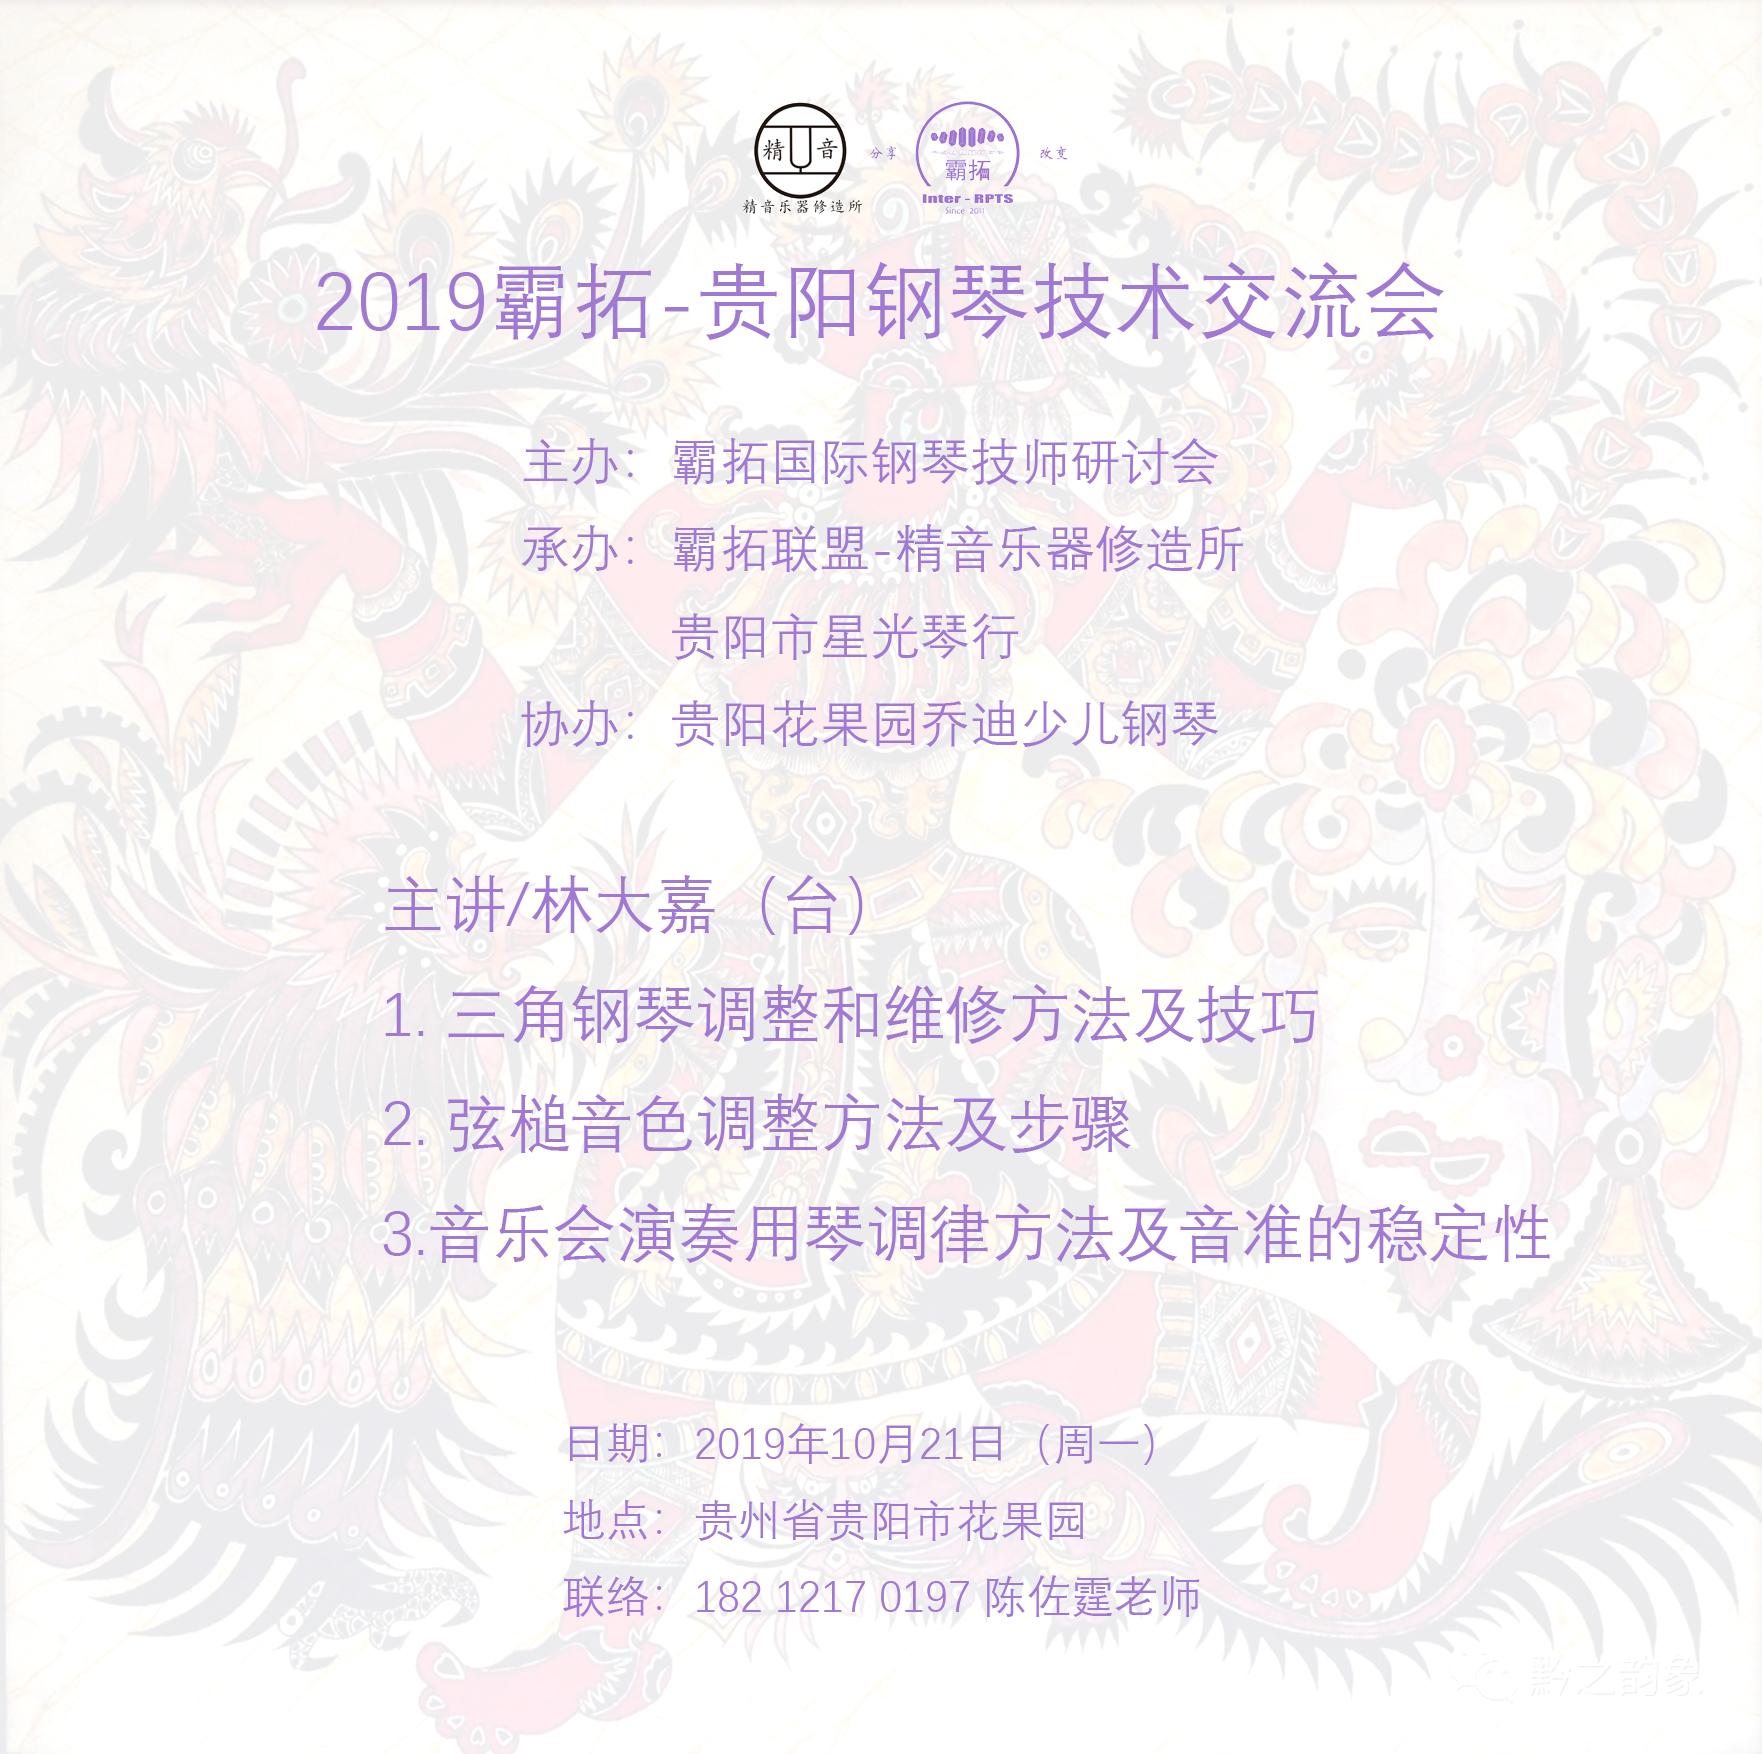 2019霸拓贵州钢琴技术交流会+.jpg